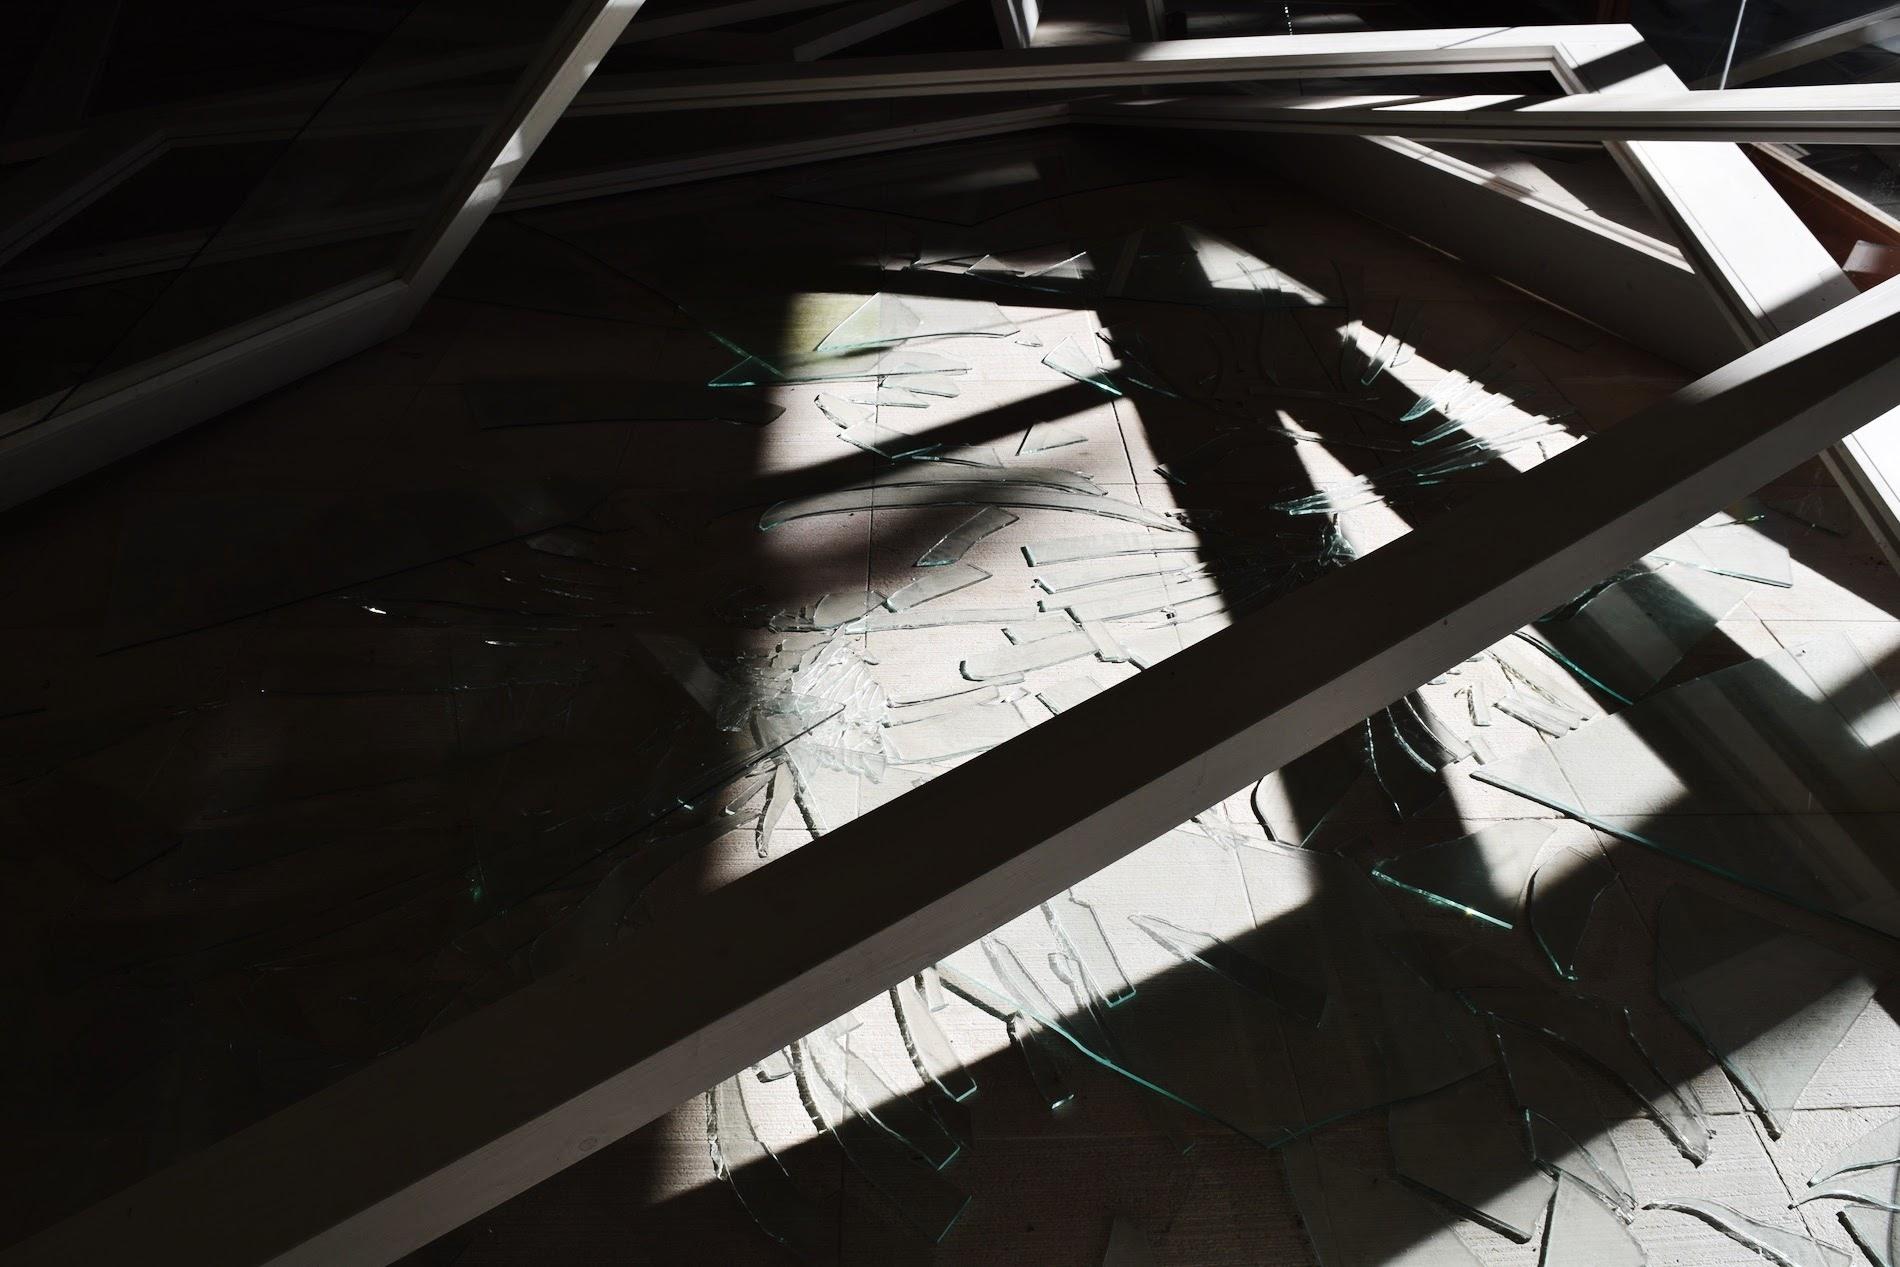 Camille Norment, Rapture, Venice Biennale